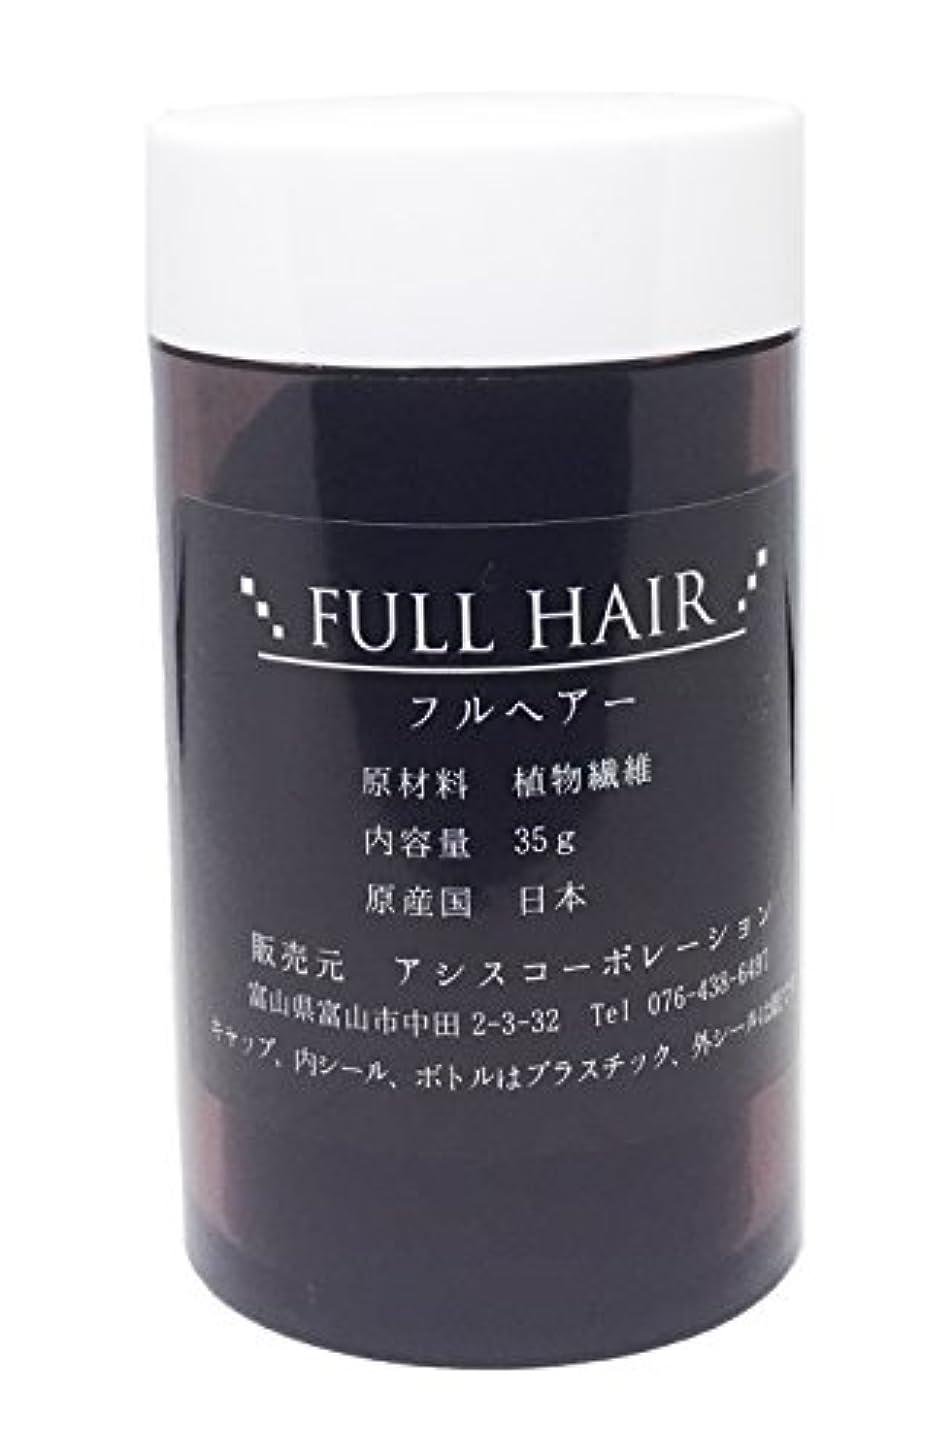 入るバランス穴フルヘアー 35g ライトグレー 増毛パウダー 薄毛隠し 円形脱毛症に